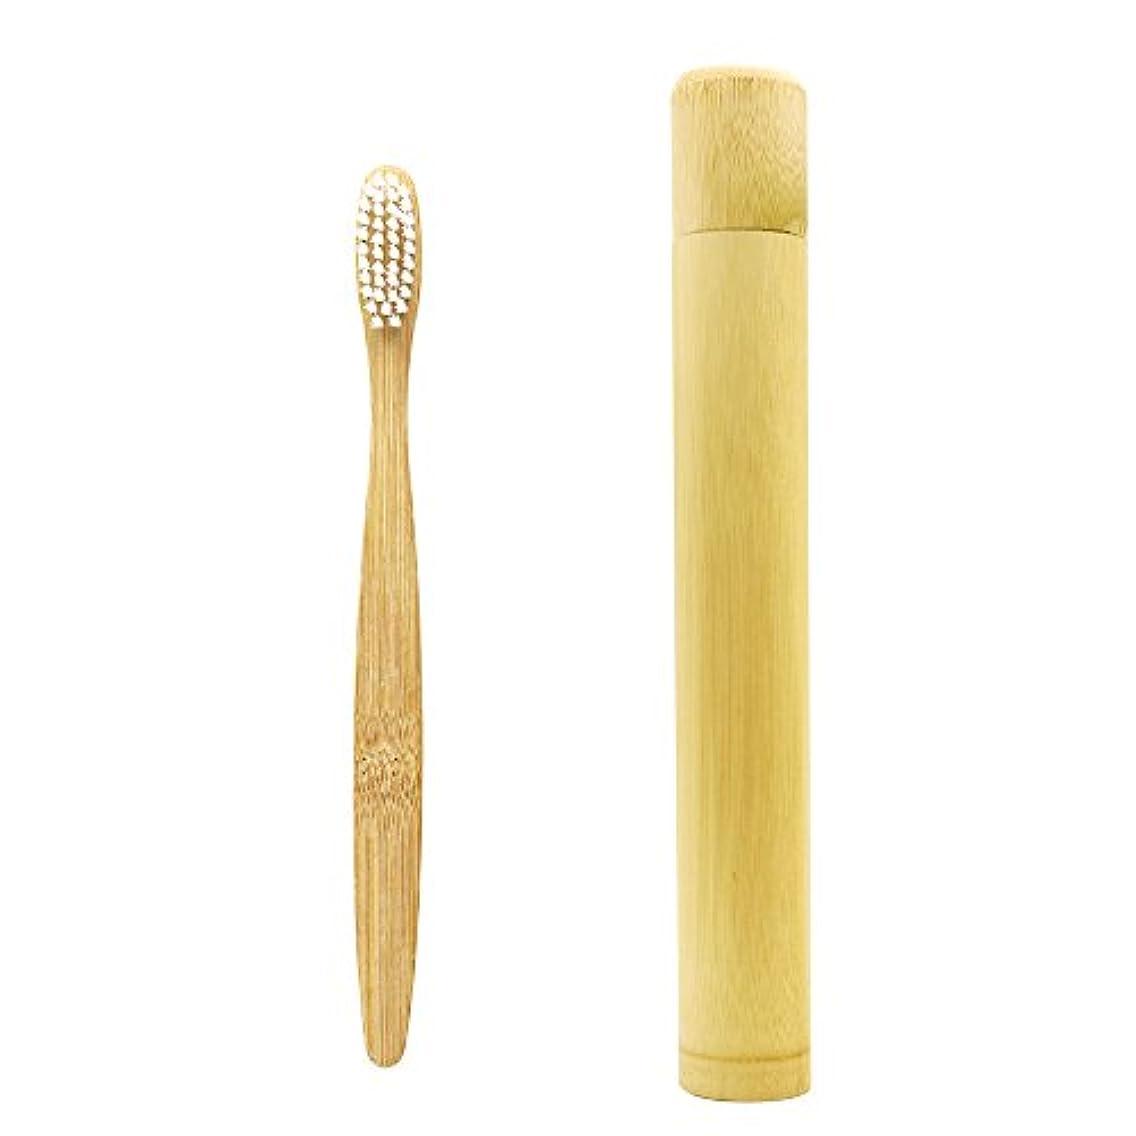 ファンシーレーニン主義そのN-amboo 竹製耐久度高い 白い歯ブラシ 携帯用 ケース付き セット 軽量 携帯便利 出張旅行